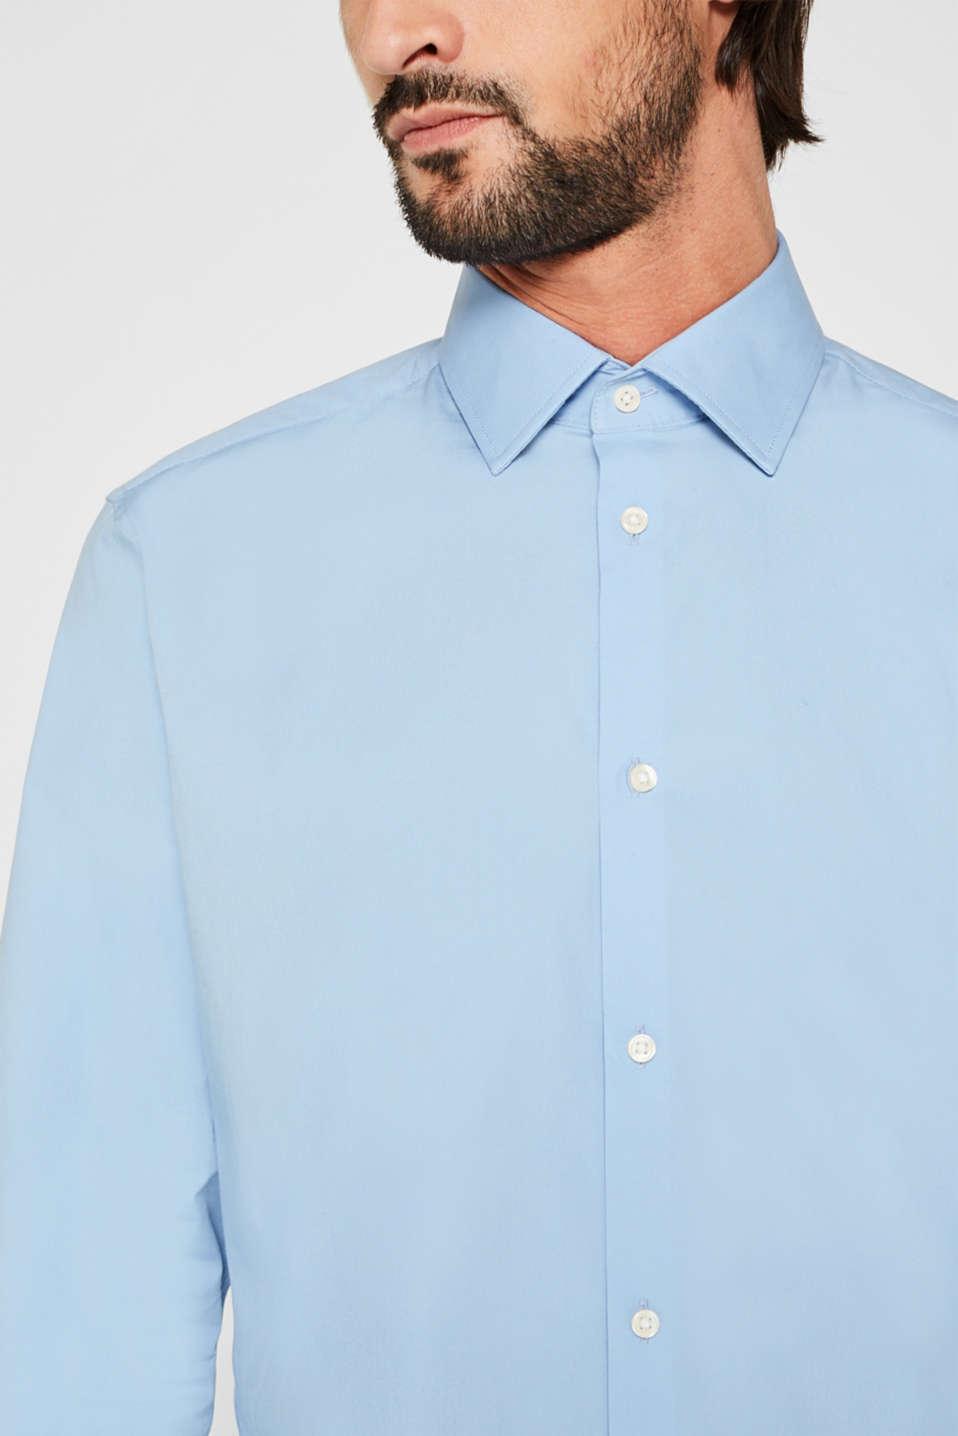 Mixed Sets Slim fit, LIGHT BLUE, detail image number 6